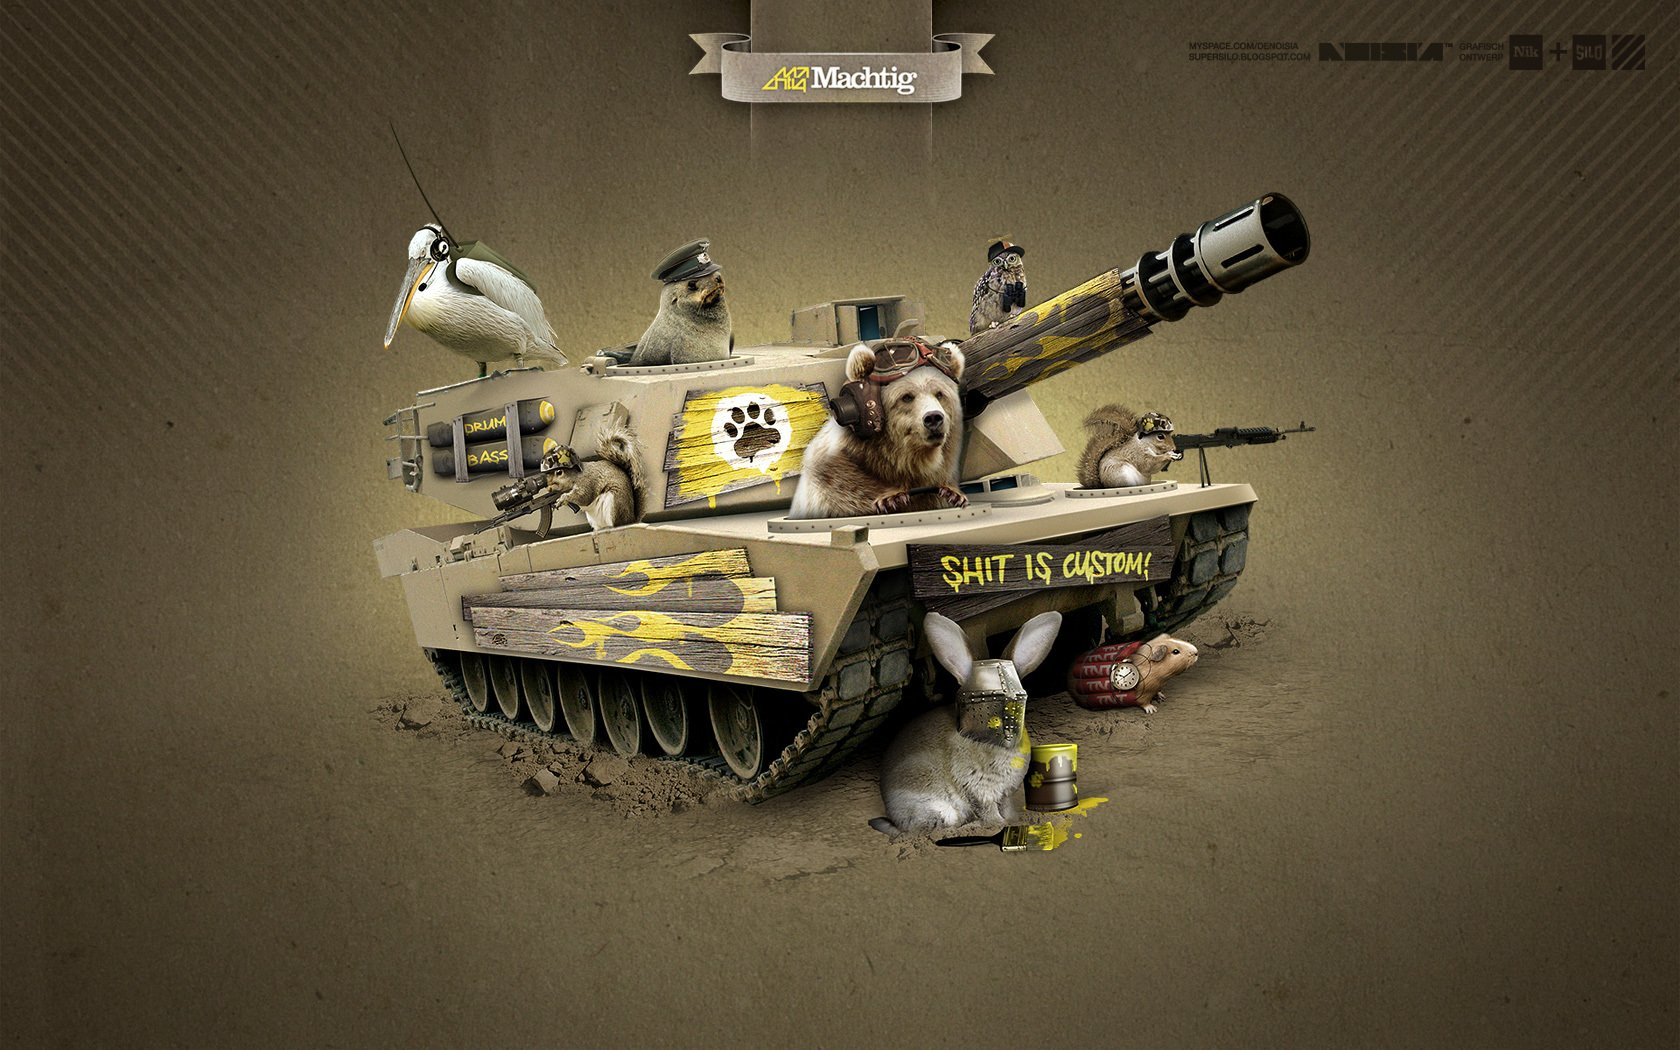 Картинка с танком смешная